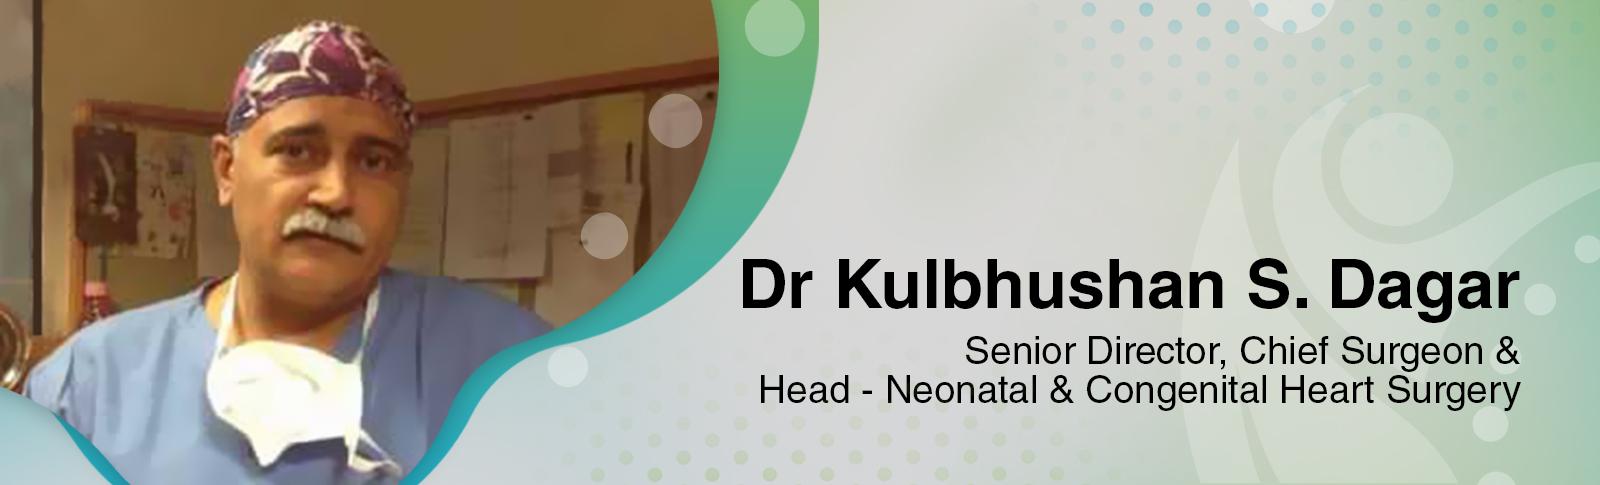 Dr Kulbhushan Singh Dagar